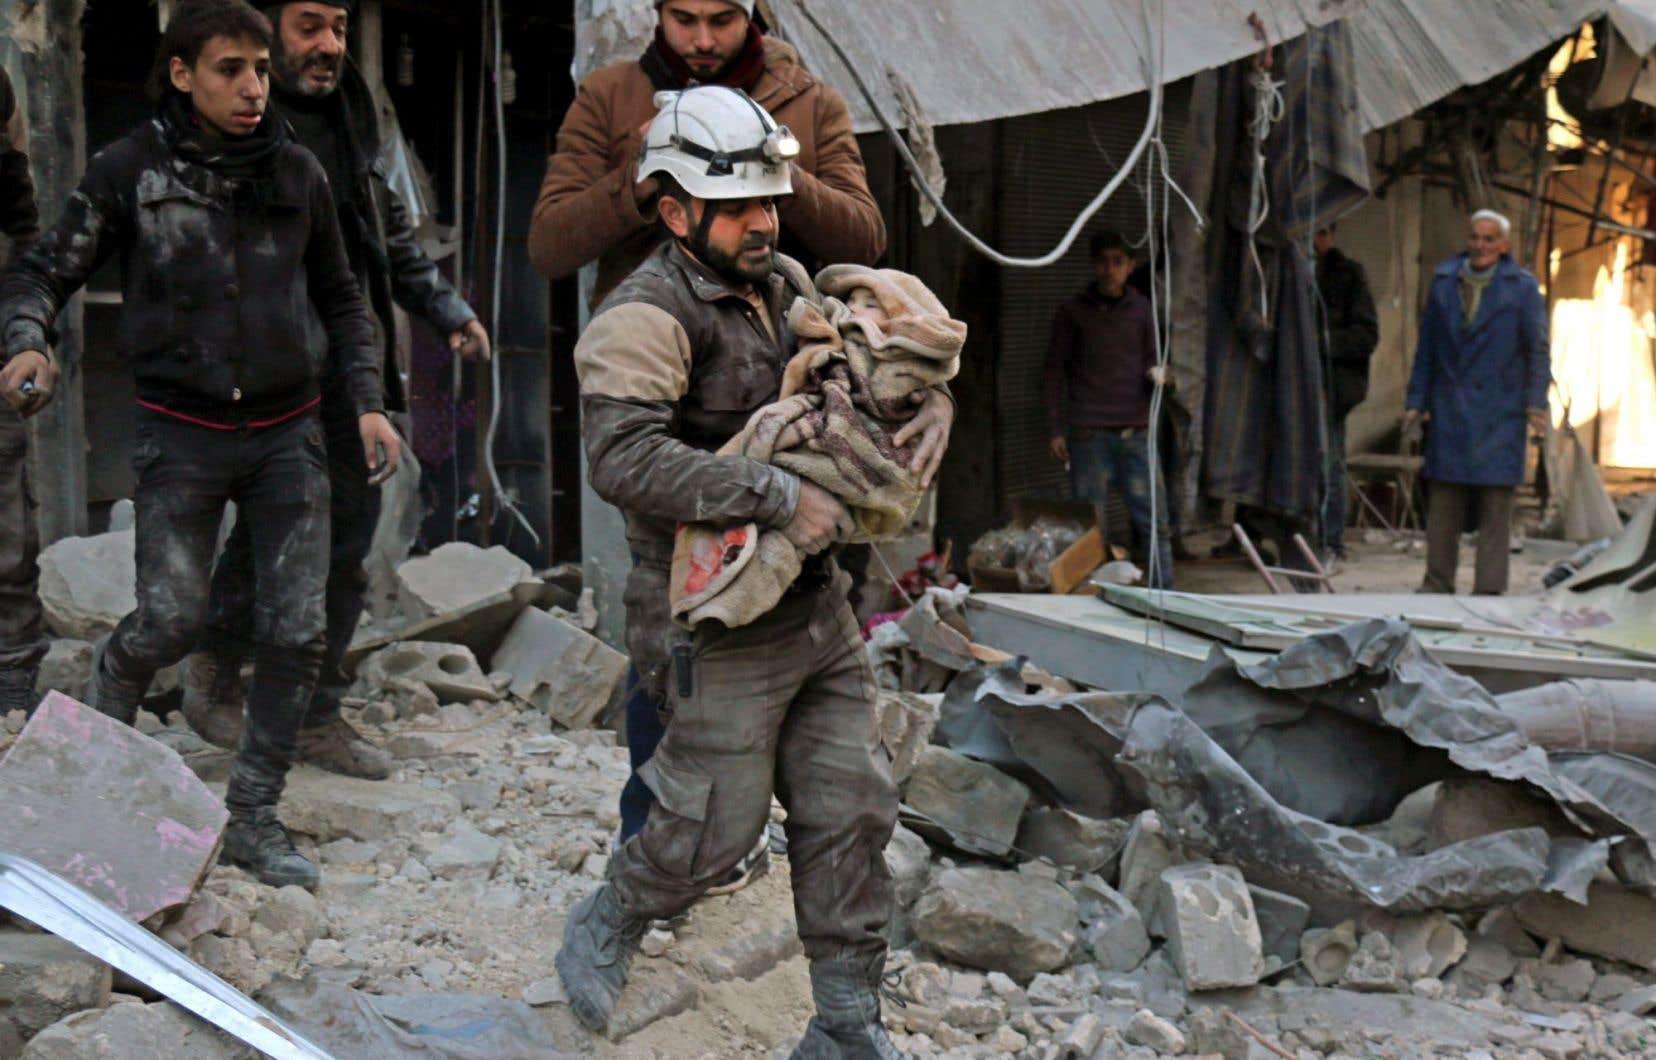 Samedi, le groupe EI a lancé une offensive d'envergure sur plusieurs secteurs de Deir Ezzor, dont le quartier de Sukkari, où les travailleurs de la défense civile s'affairaient à secourir les blessés.